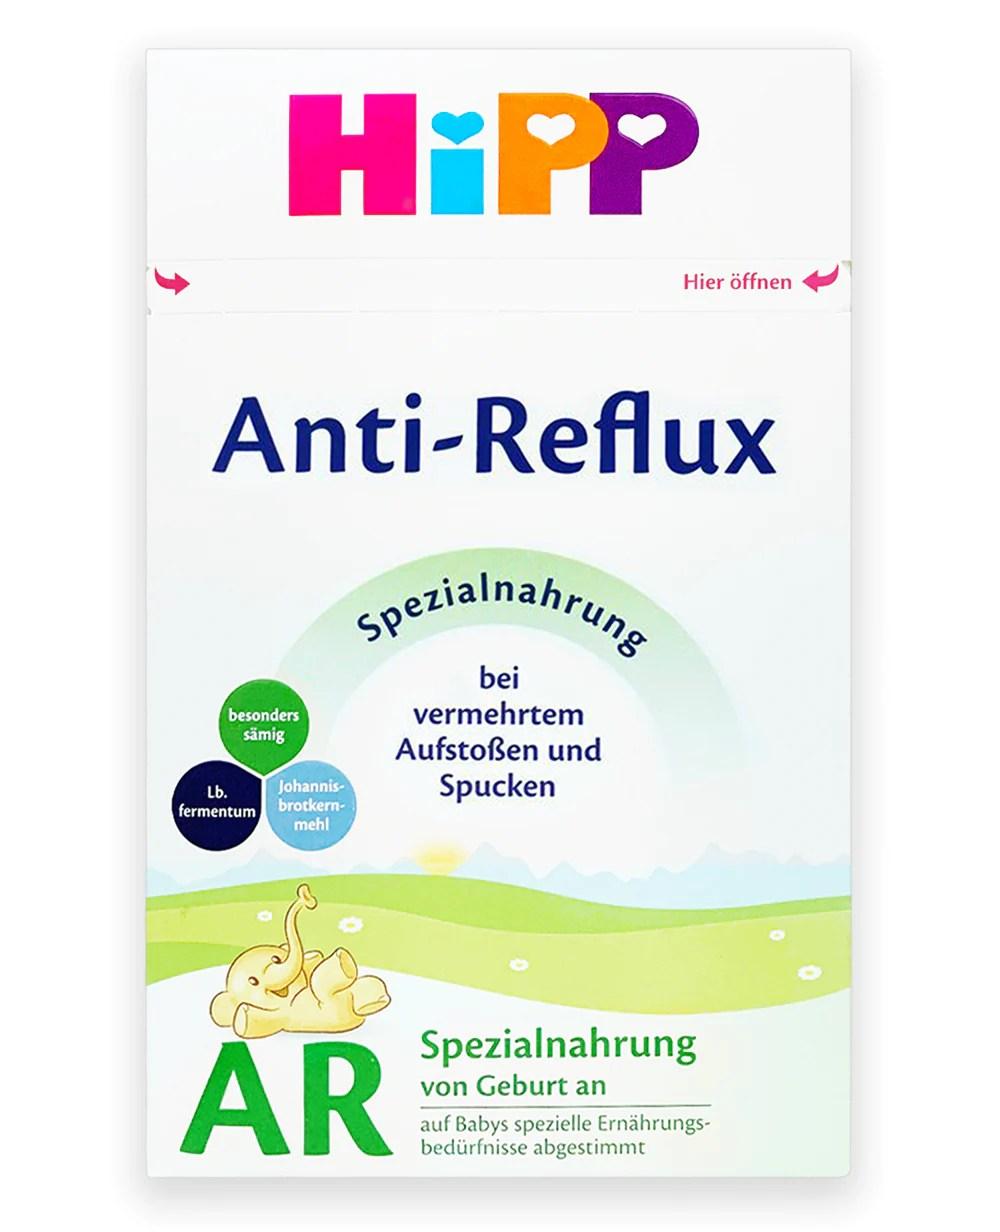 Baby Formula For Reflux : formula, reflux, Reflux, Infant, Formula, Order, Little, Bundle